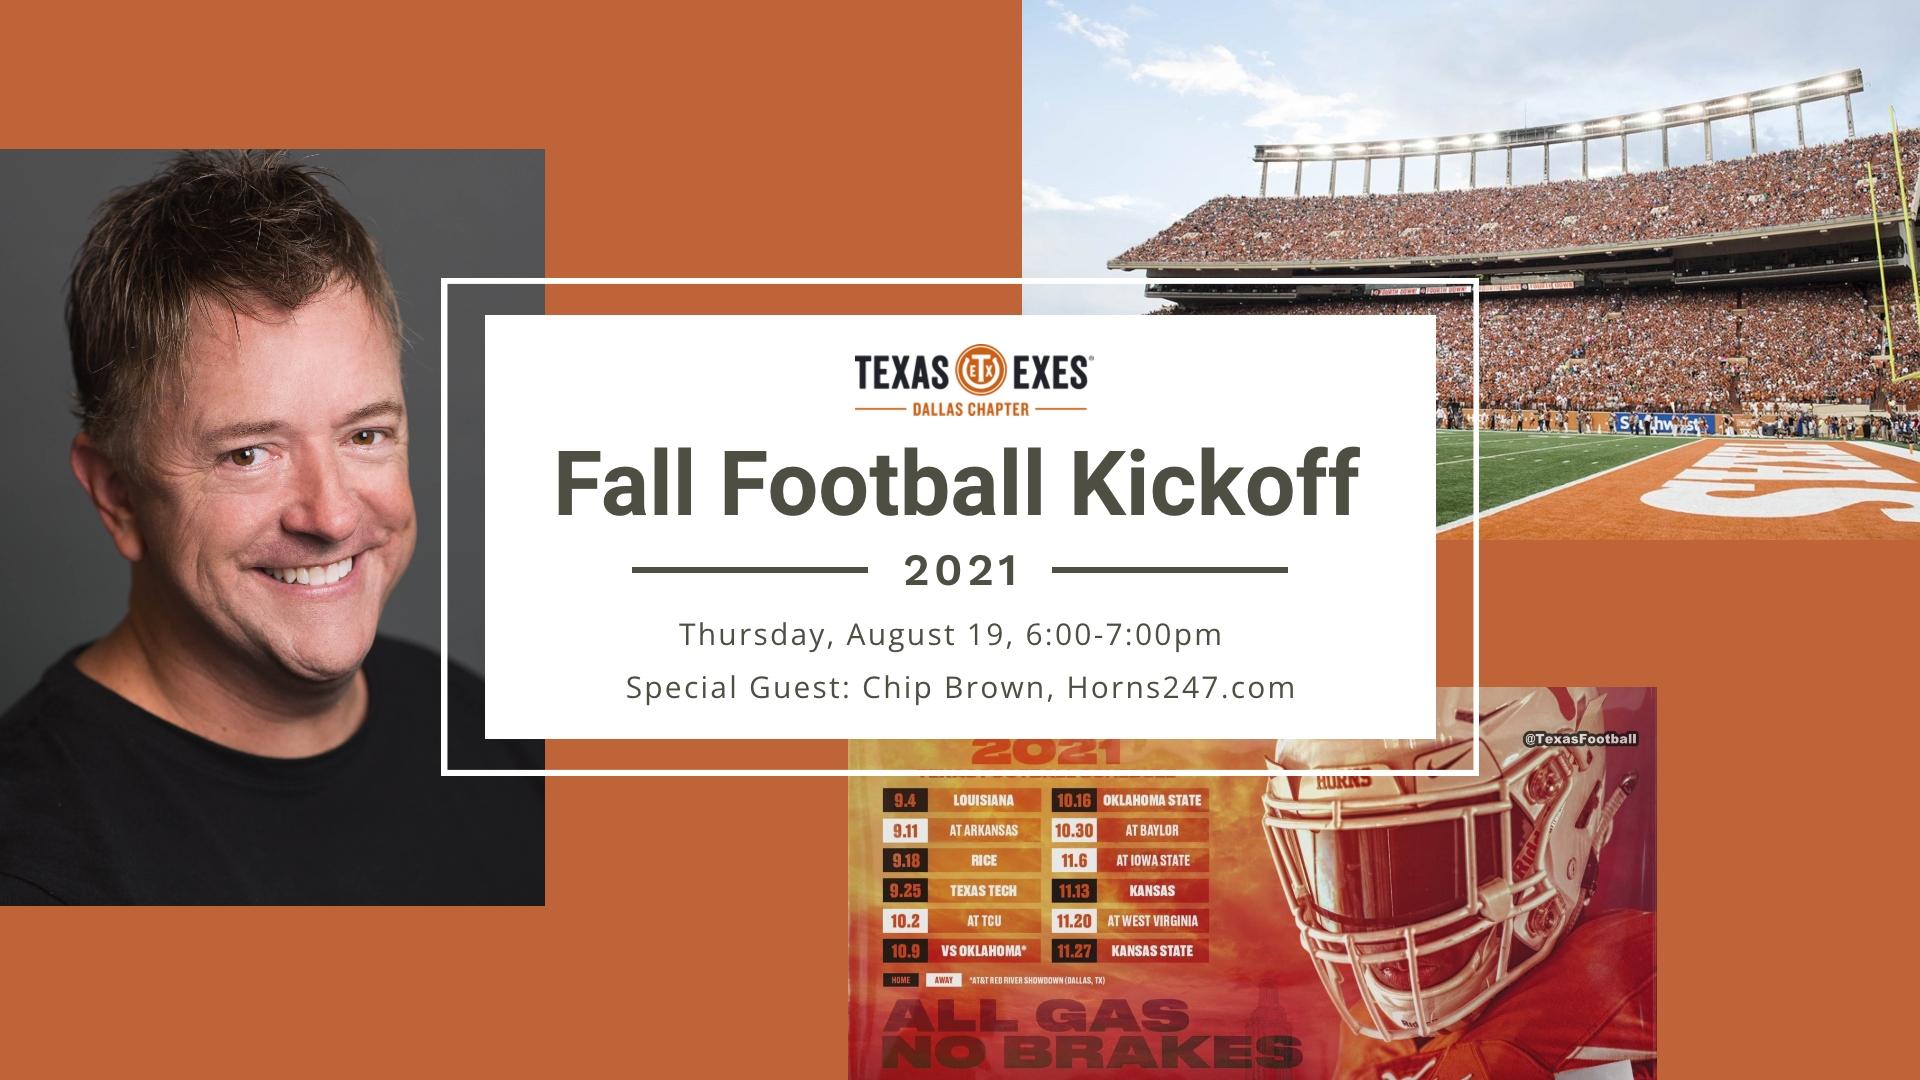 2021 Texas Fall Football Kickoff